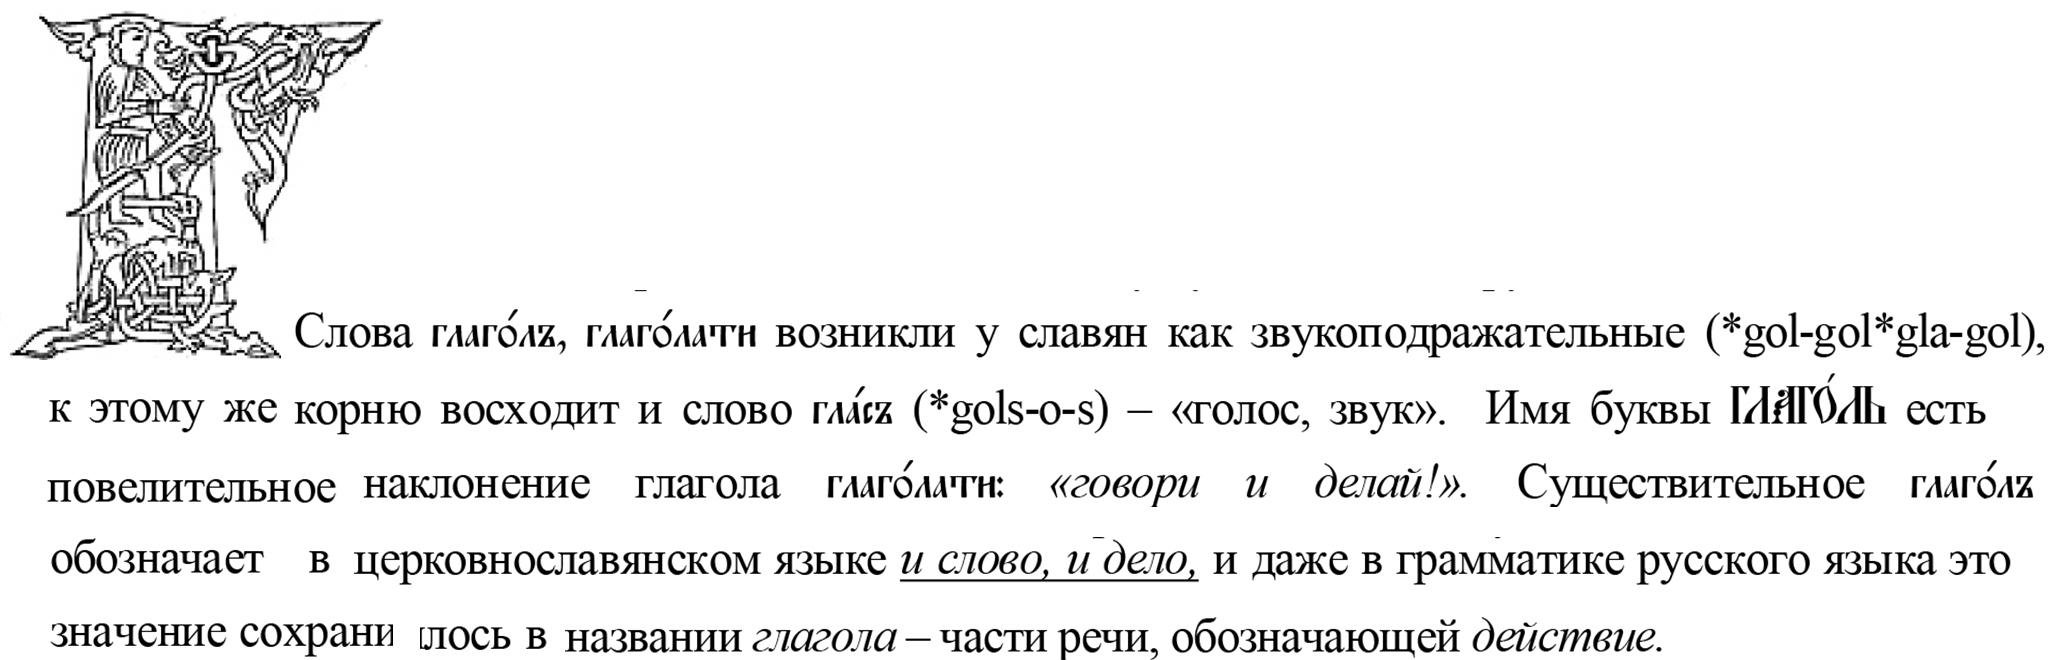 Московская Православная Духовная